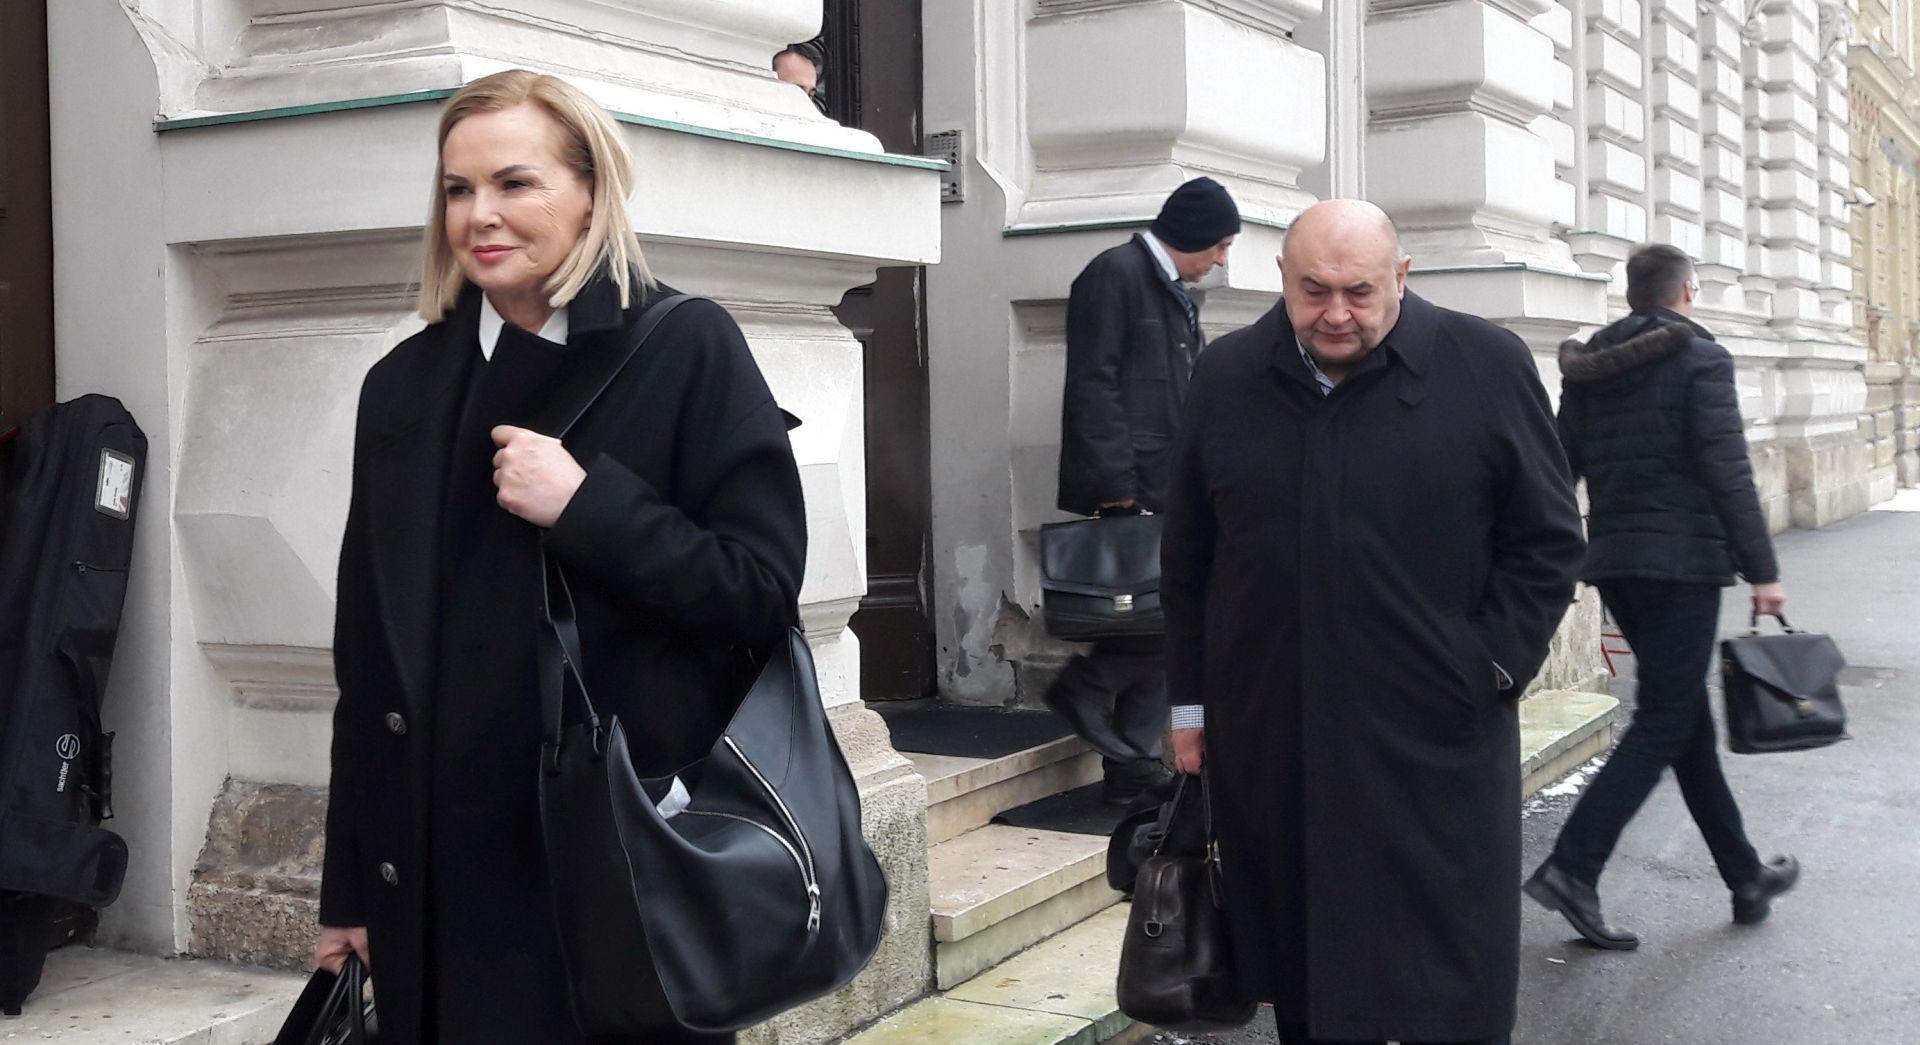 Ponovno potvrđena optužnica protiv Sanadera i Ježića